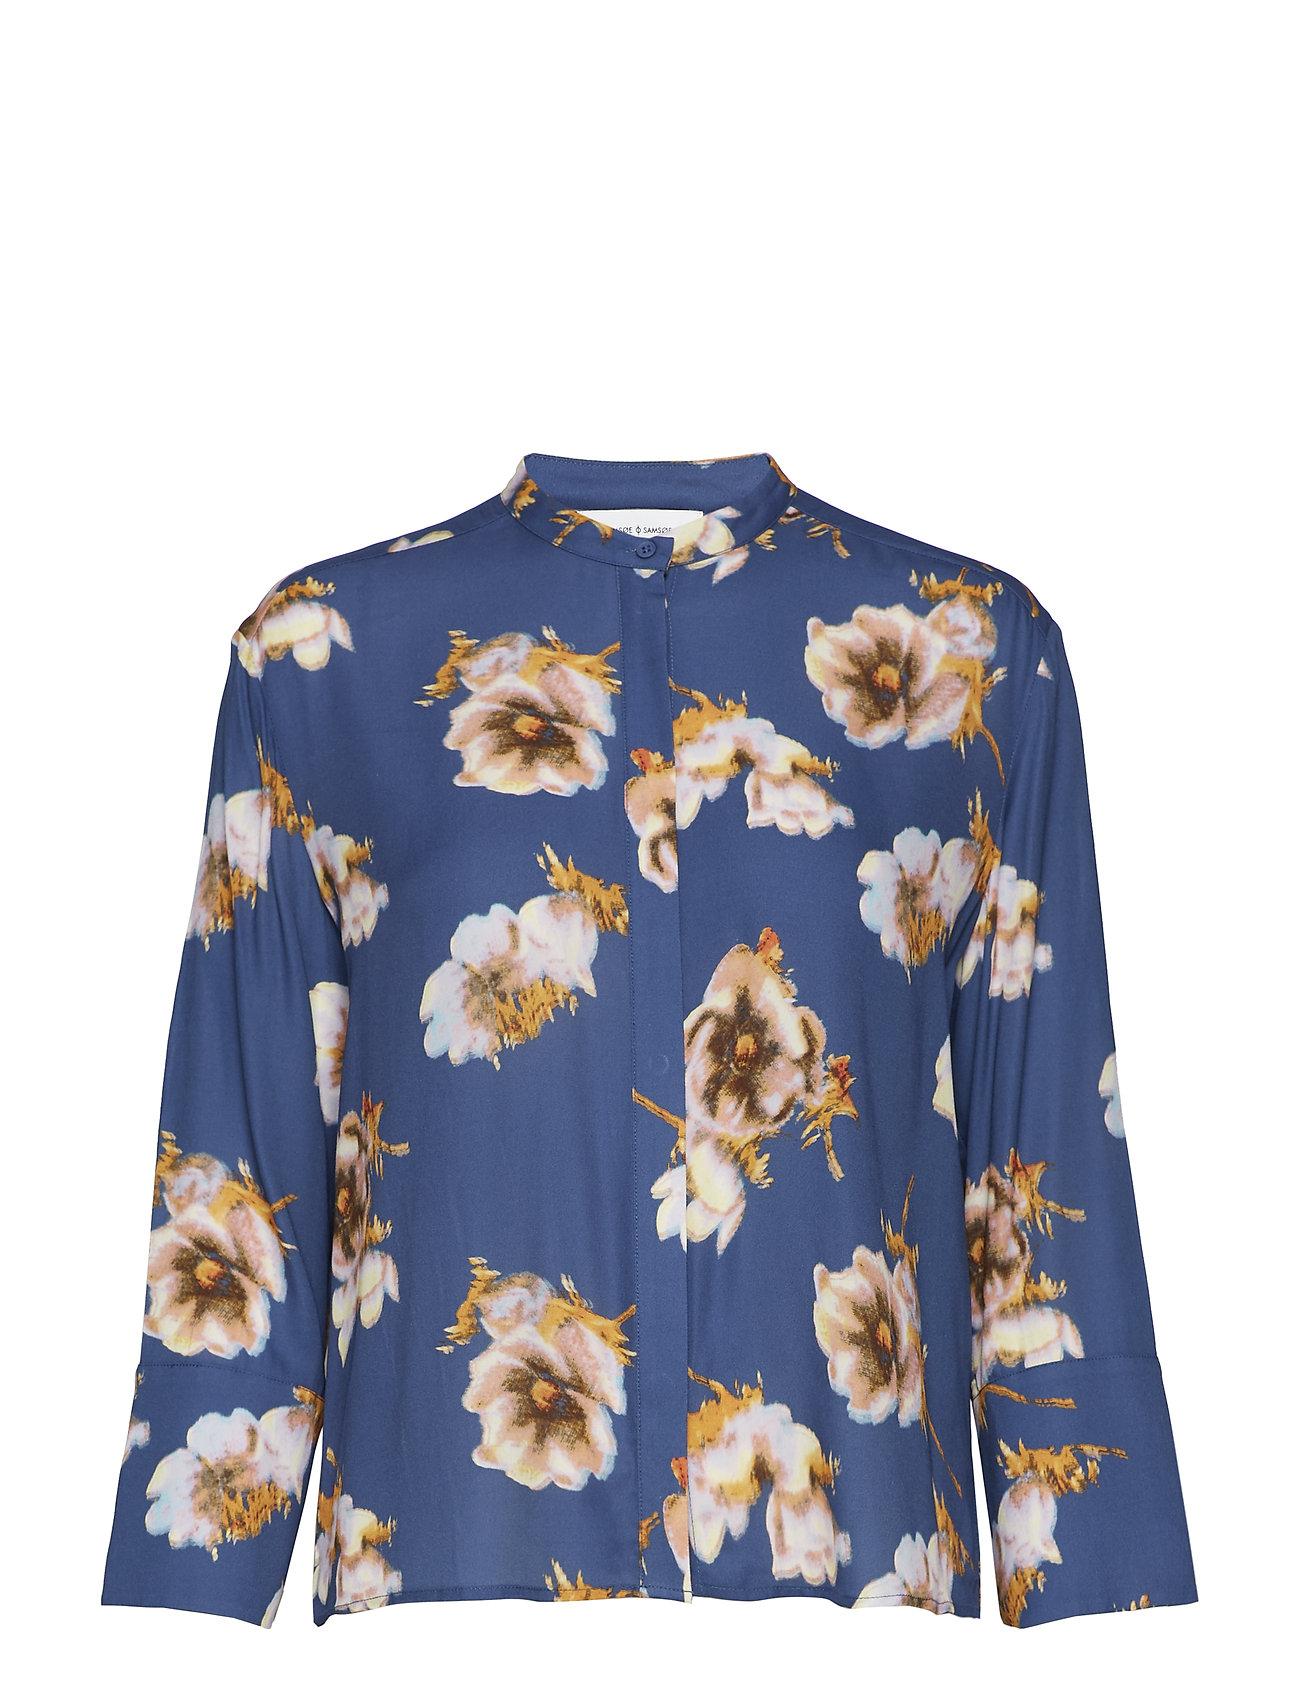 Samsøe & Samsøe Elm shirt aop 8083